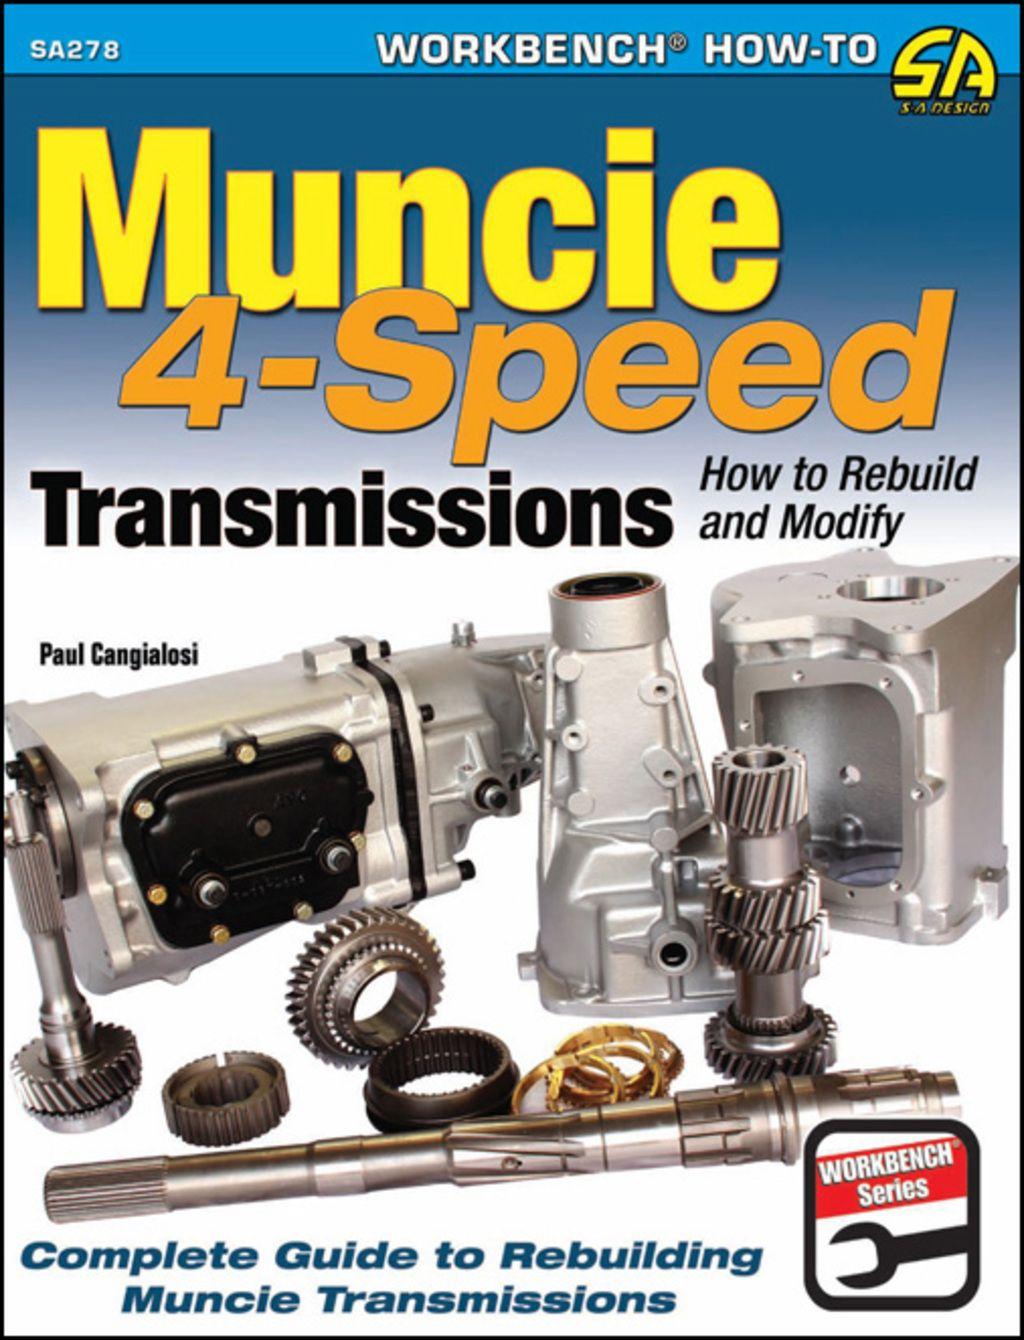 Muncie 4Speed Transmissions (eBook) in 2020 Muncie